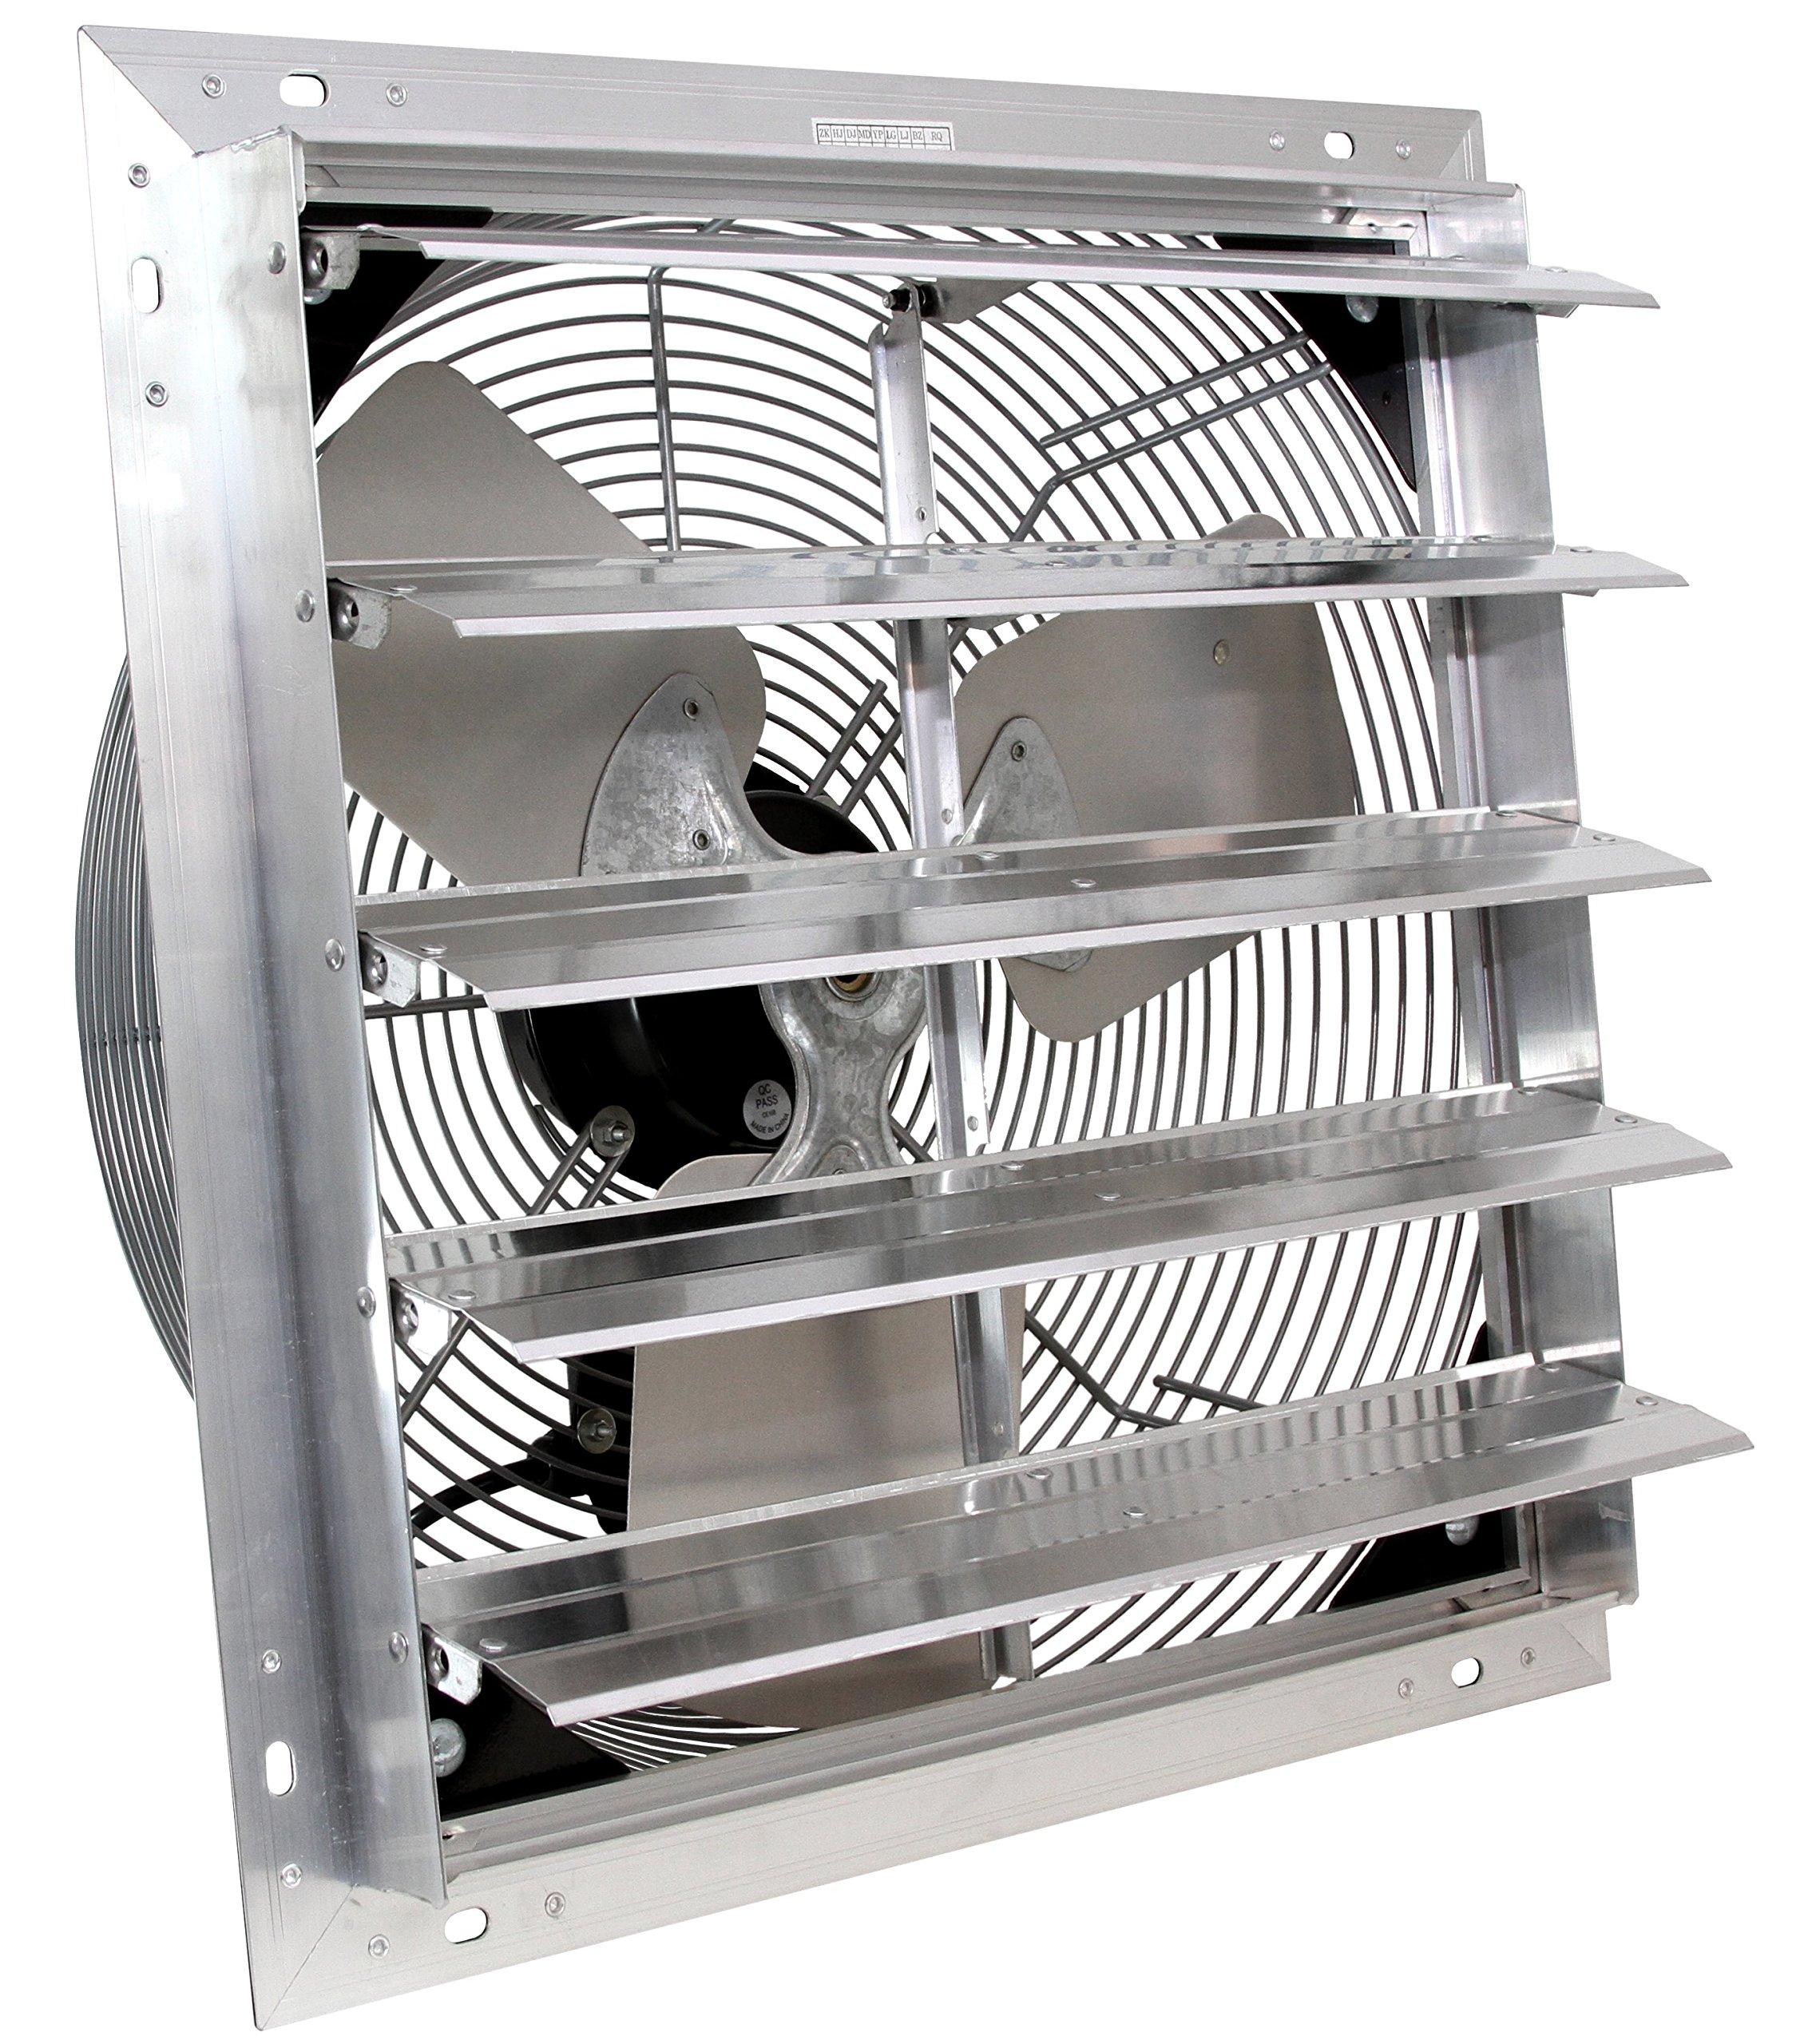 VES 24'' Exhaust Shutter Fan, Wall Mount, 3 Speed